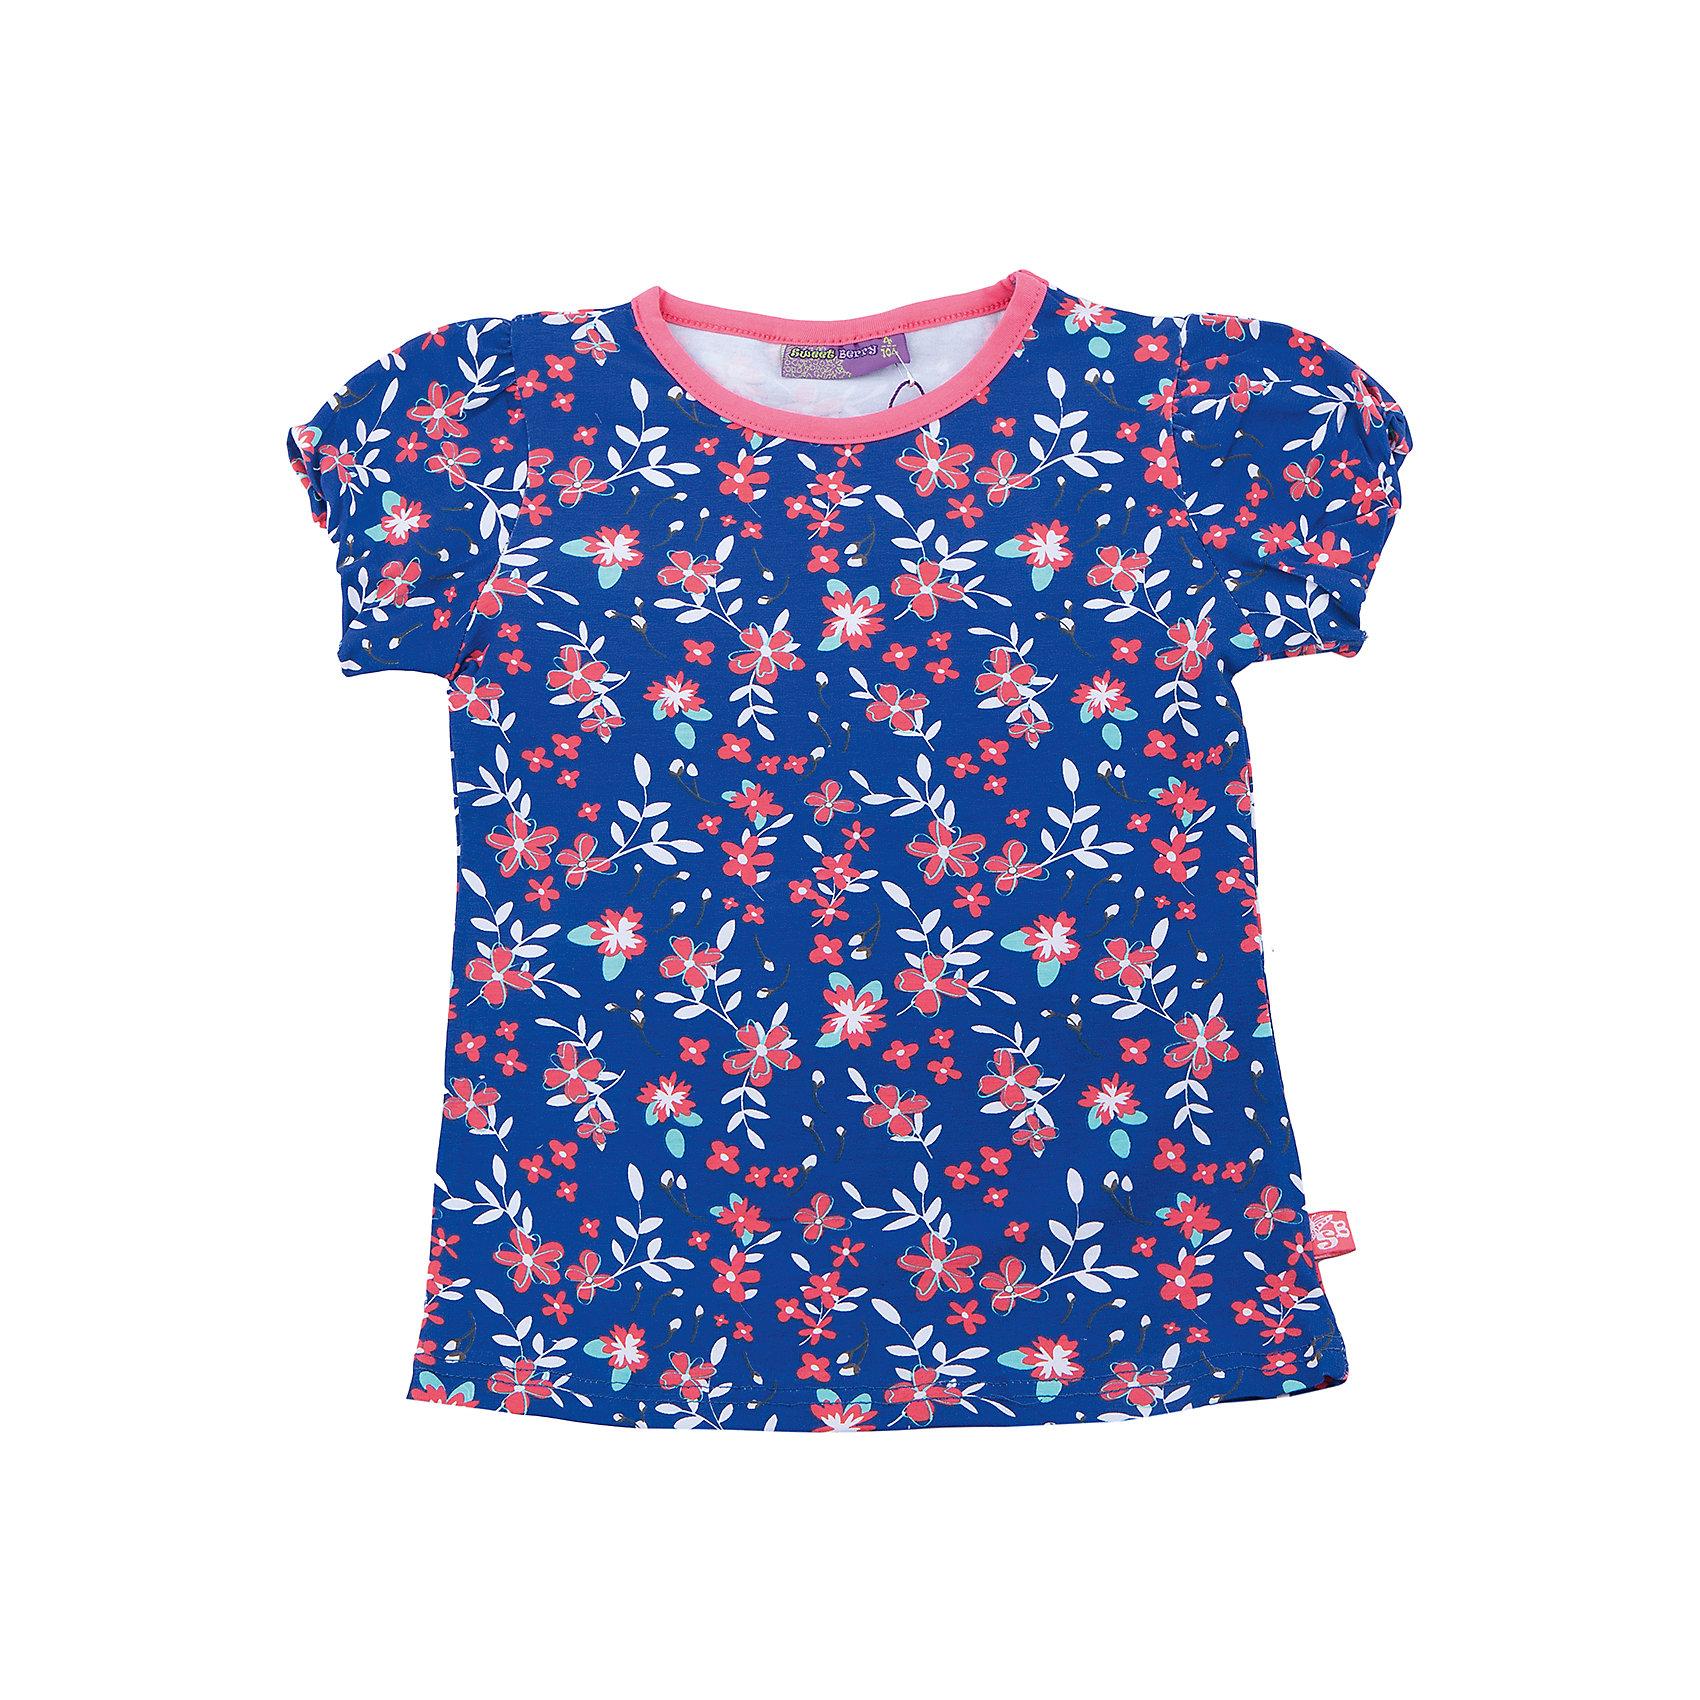 Футболка для девочки Sweet BerryФутболки, поло и топы<br>Трикотажная футболка для девочки с цветочным принтом. Приталенный крой. Короткие рукава.<br>Состав:<br>95%хлопок 5%эластан<br><br>Ширина мм: 199<br>Глубина мм: 10<br>Высота мм: 161<br>Вес г: 151<br>Цвет: синий<br>Возраст от месяцев: 48<br>Возраст до месяцев: 60<br>Пол: Женский<br>Возраст: Детский<br>Размер: 110,116,122,128,104,98<br>SKU: 5412265